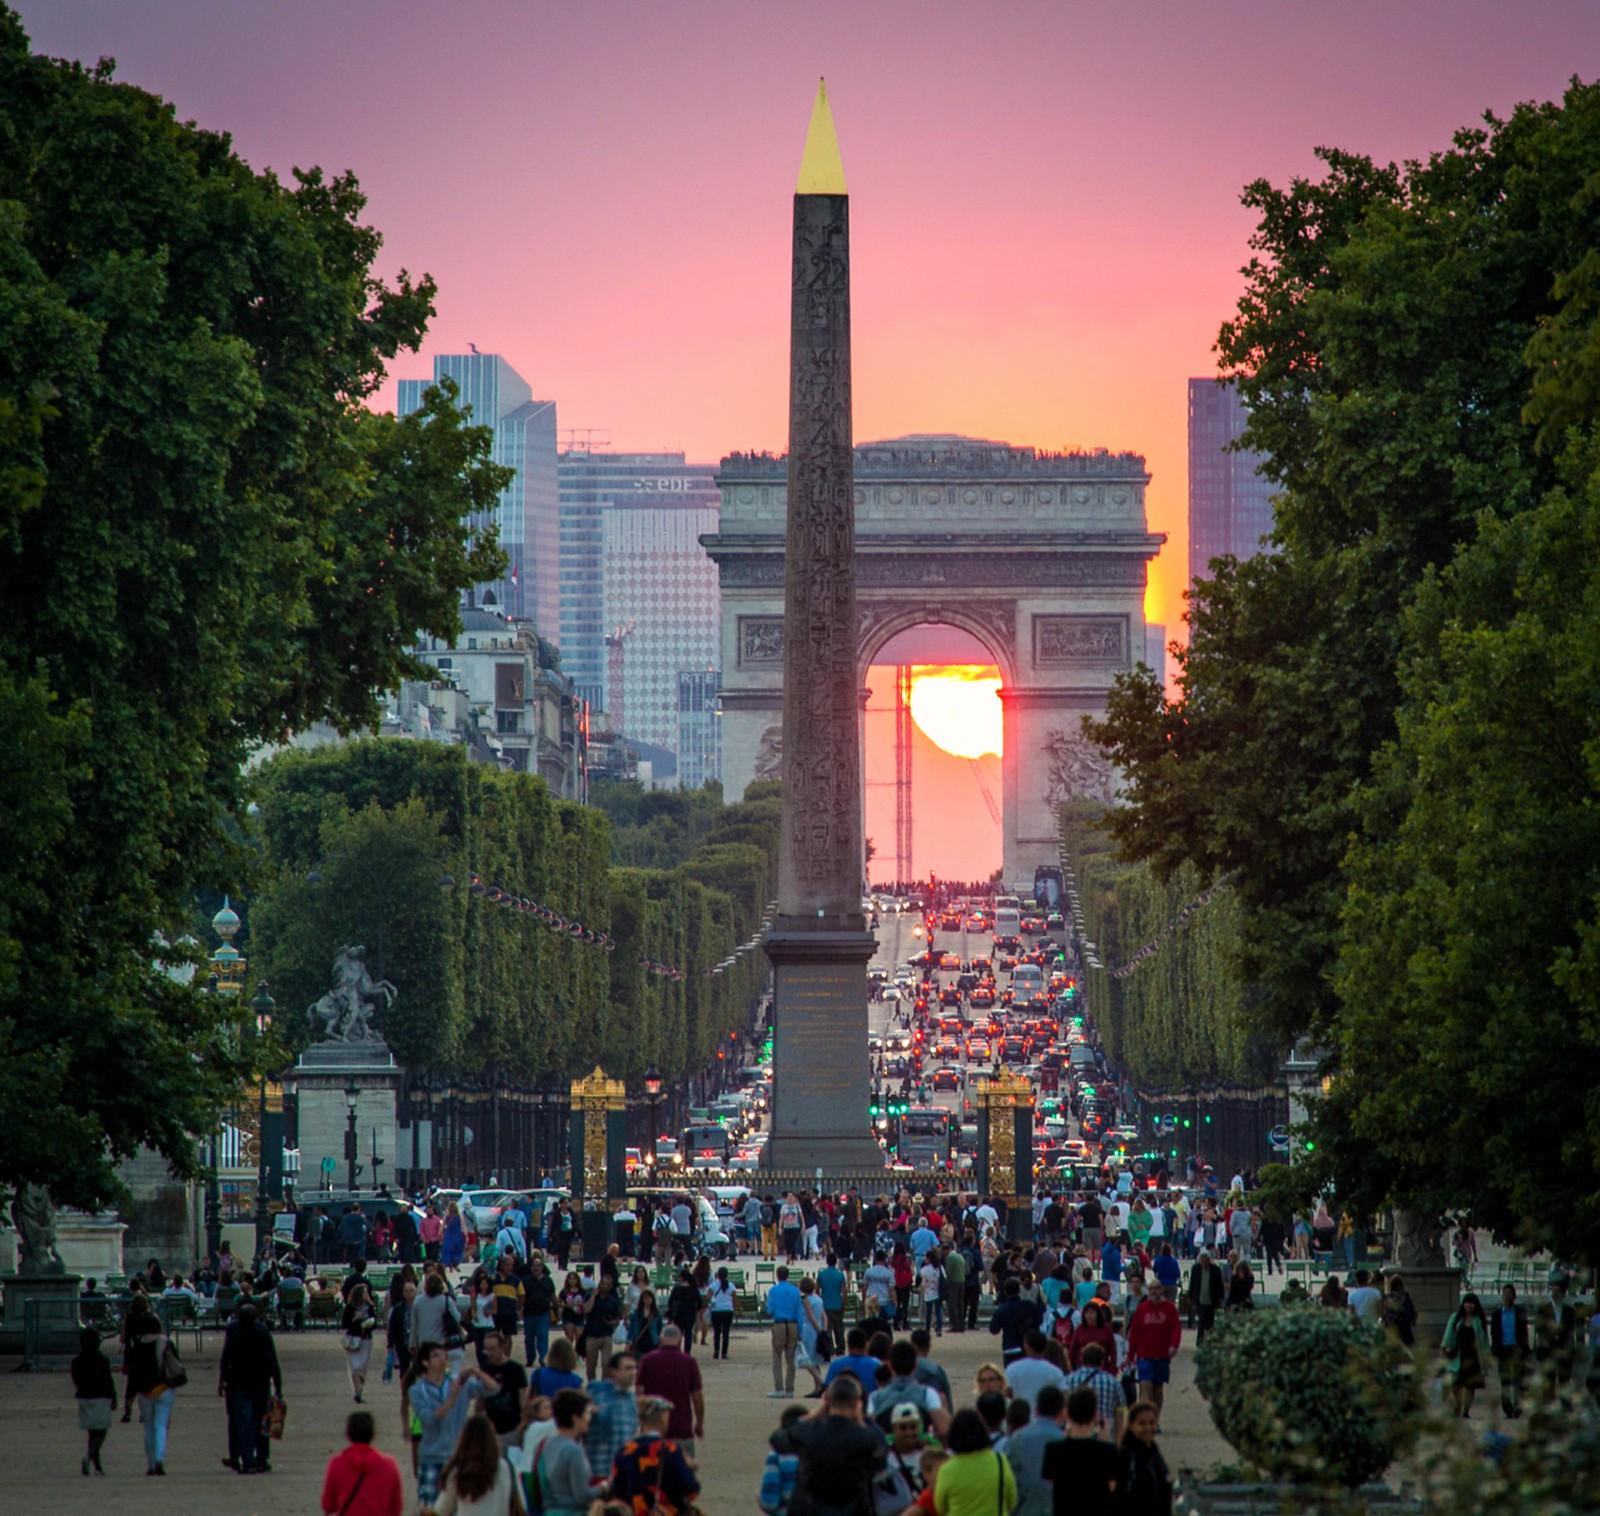 Place de la Concorde Obelisk, Champs-Élysées Masses, Arc de Triomphe, Setting Sun